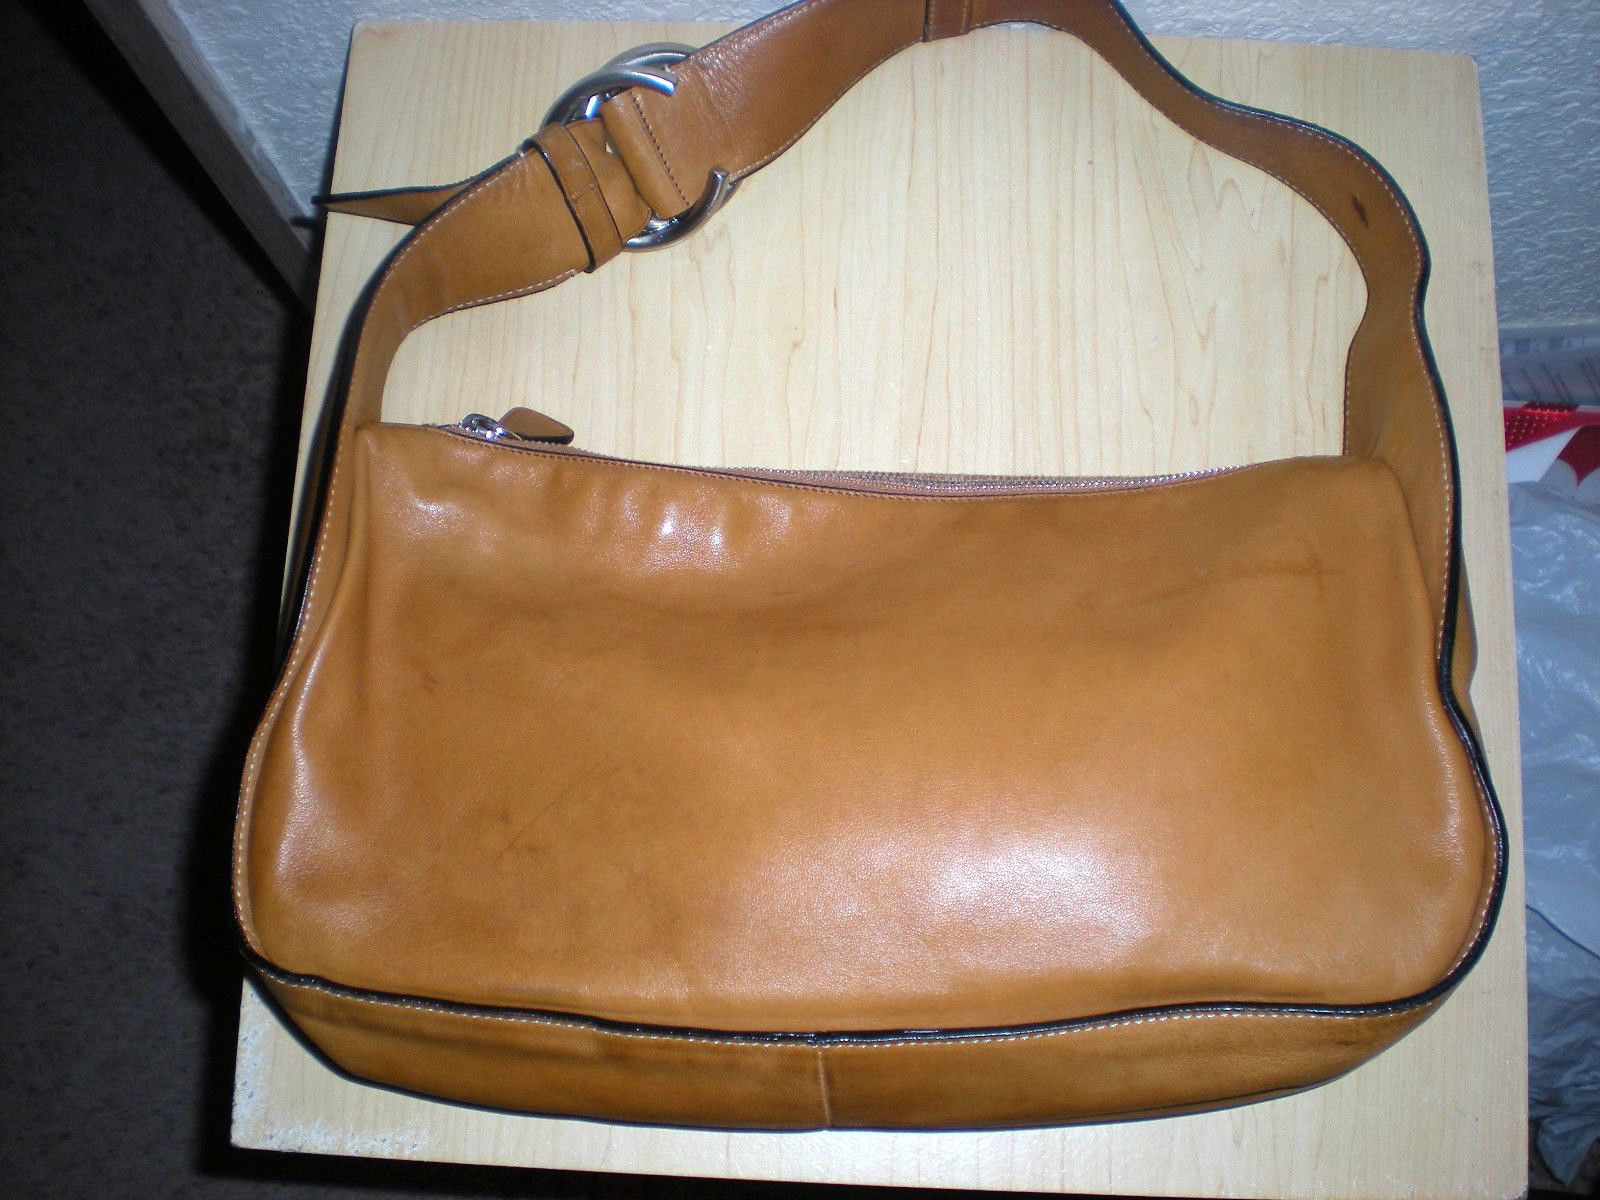 prada medium saffiano double zip bag, authentic prada